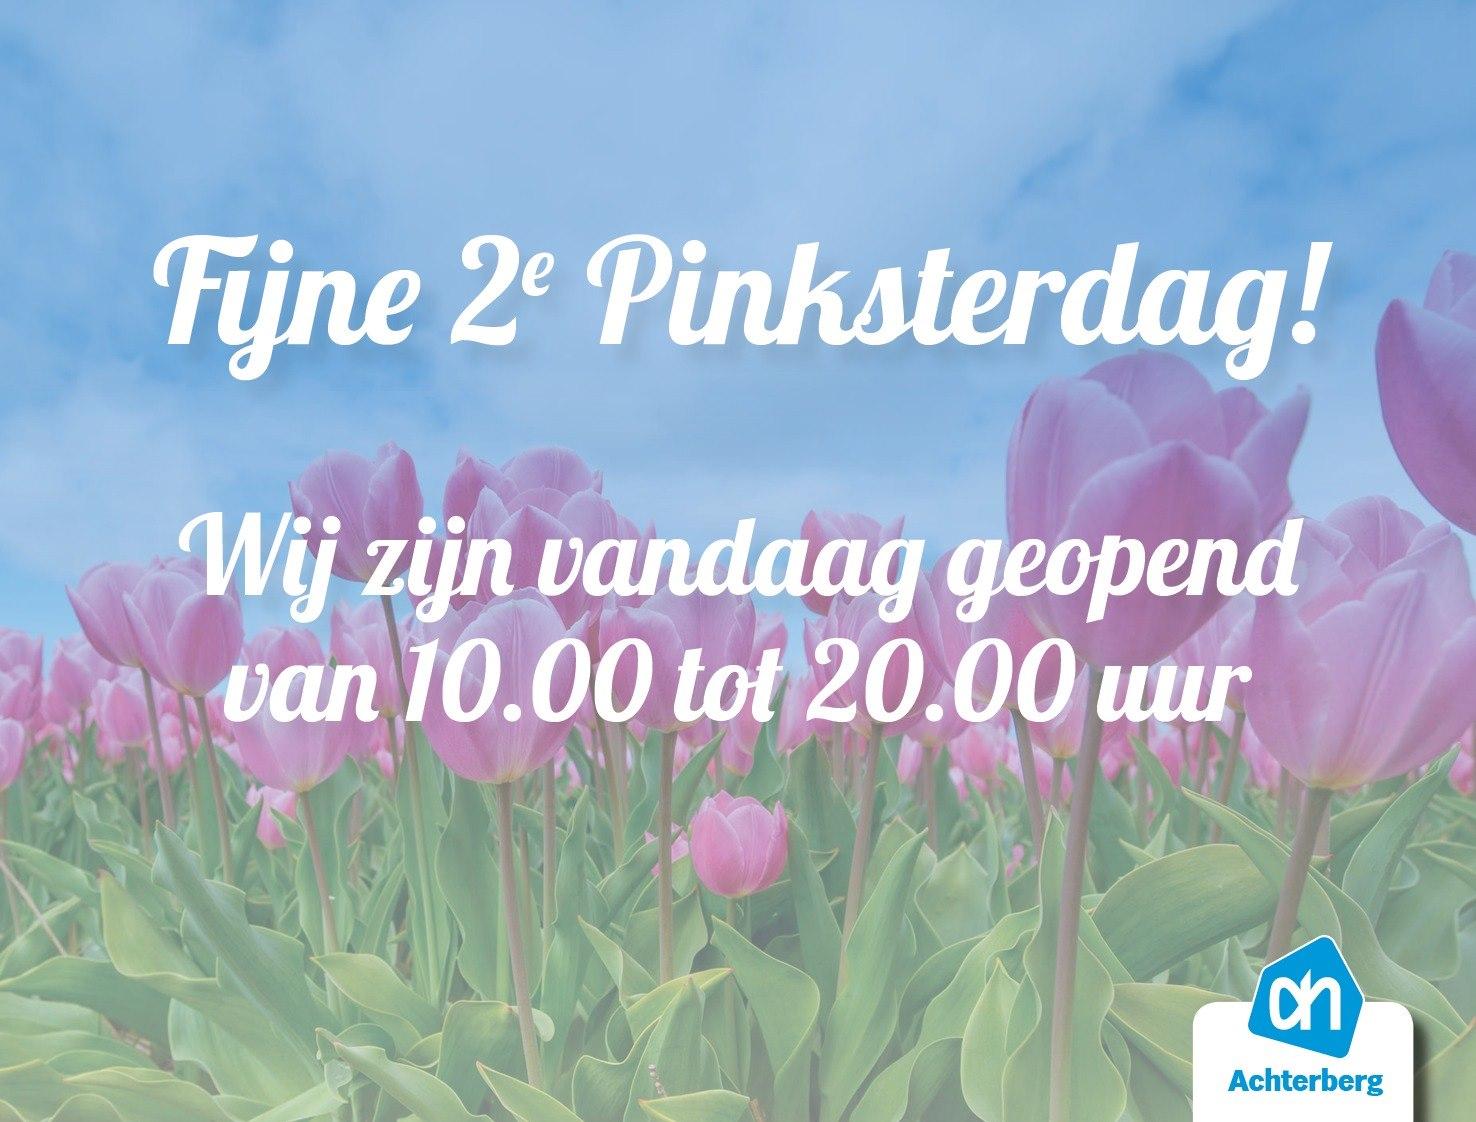 Albert Heijn Achterberg wenst je een fijne 2e Pinksterdag!